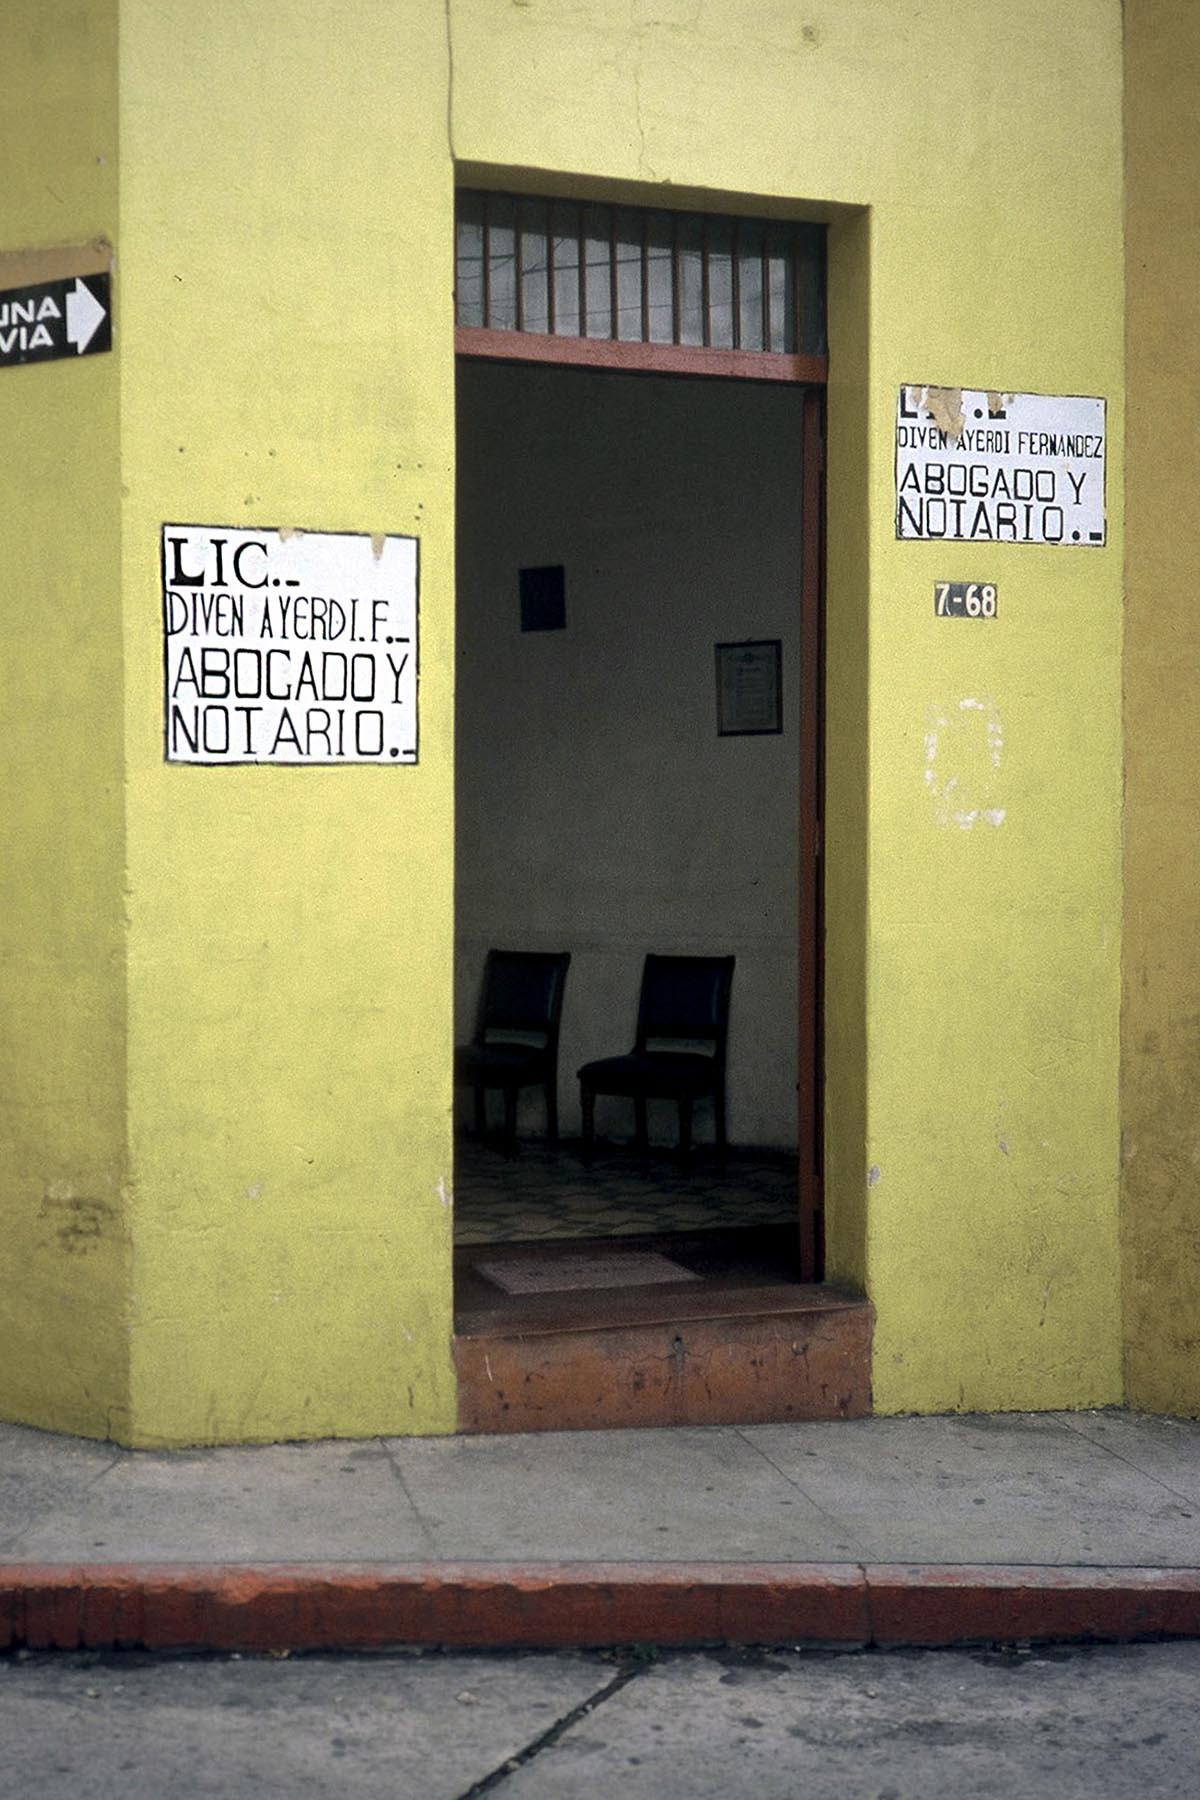 Mexico 06 BANKTM @bank_graphic_design_today lo